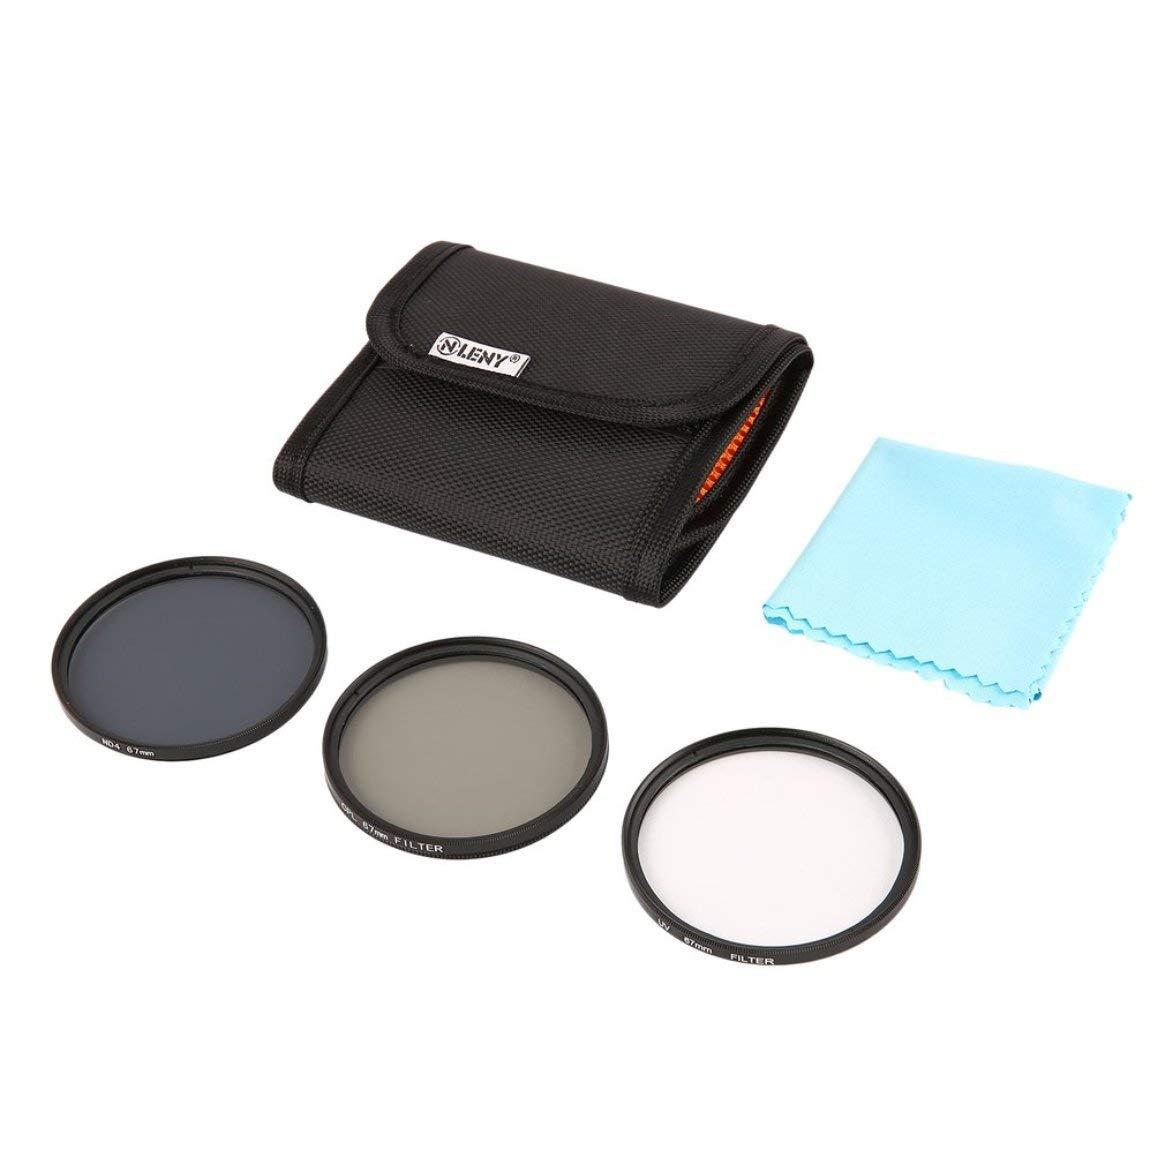 Onleny 67mm Filtre Set Filtres UV CPL ND4 Slim Sac de Rangement + Kit de Nettoyage 5pcs Appareil Photo numé rique - Noir & Orange 67mm Delicacydex